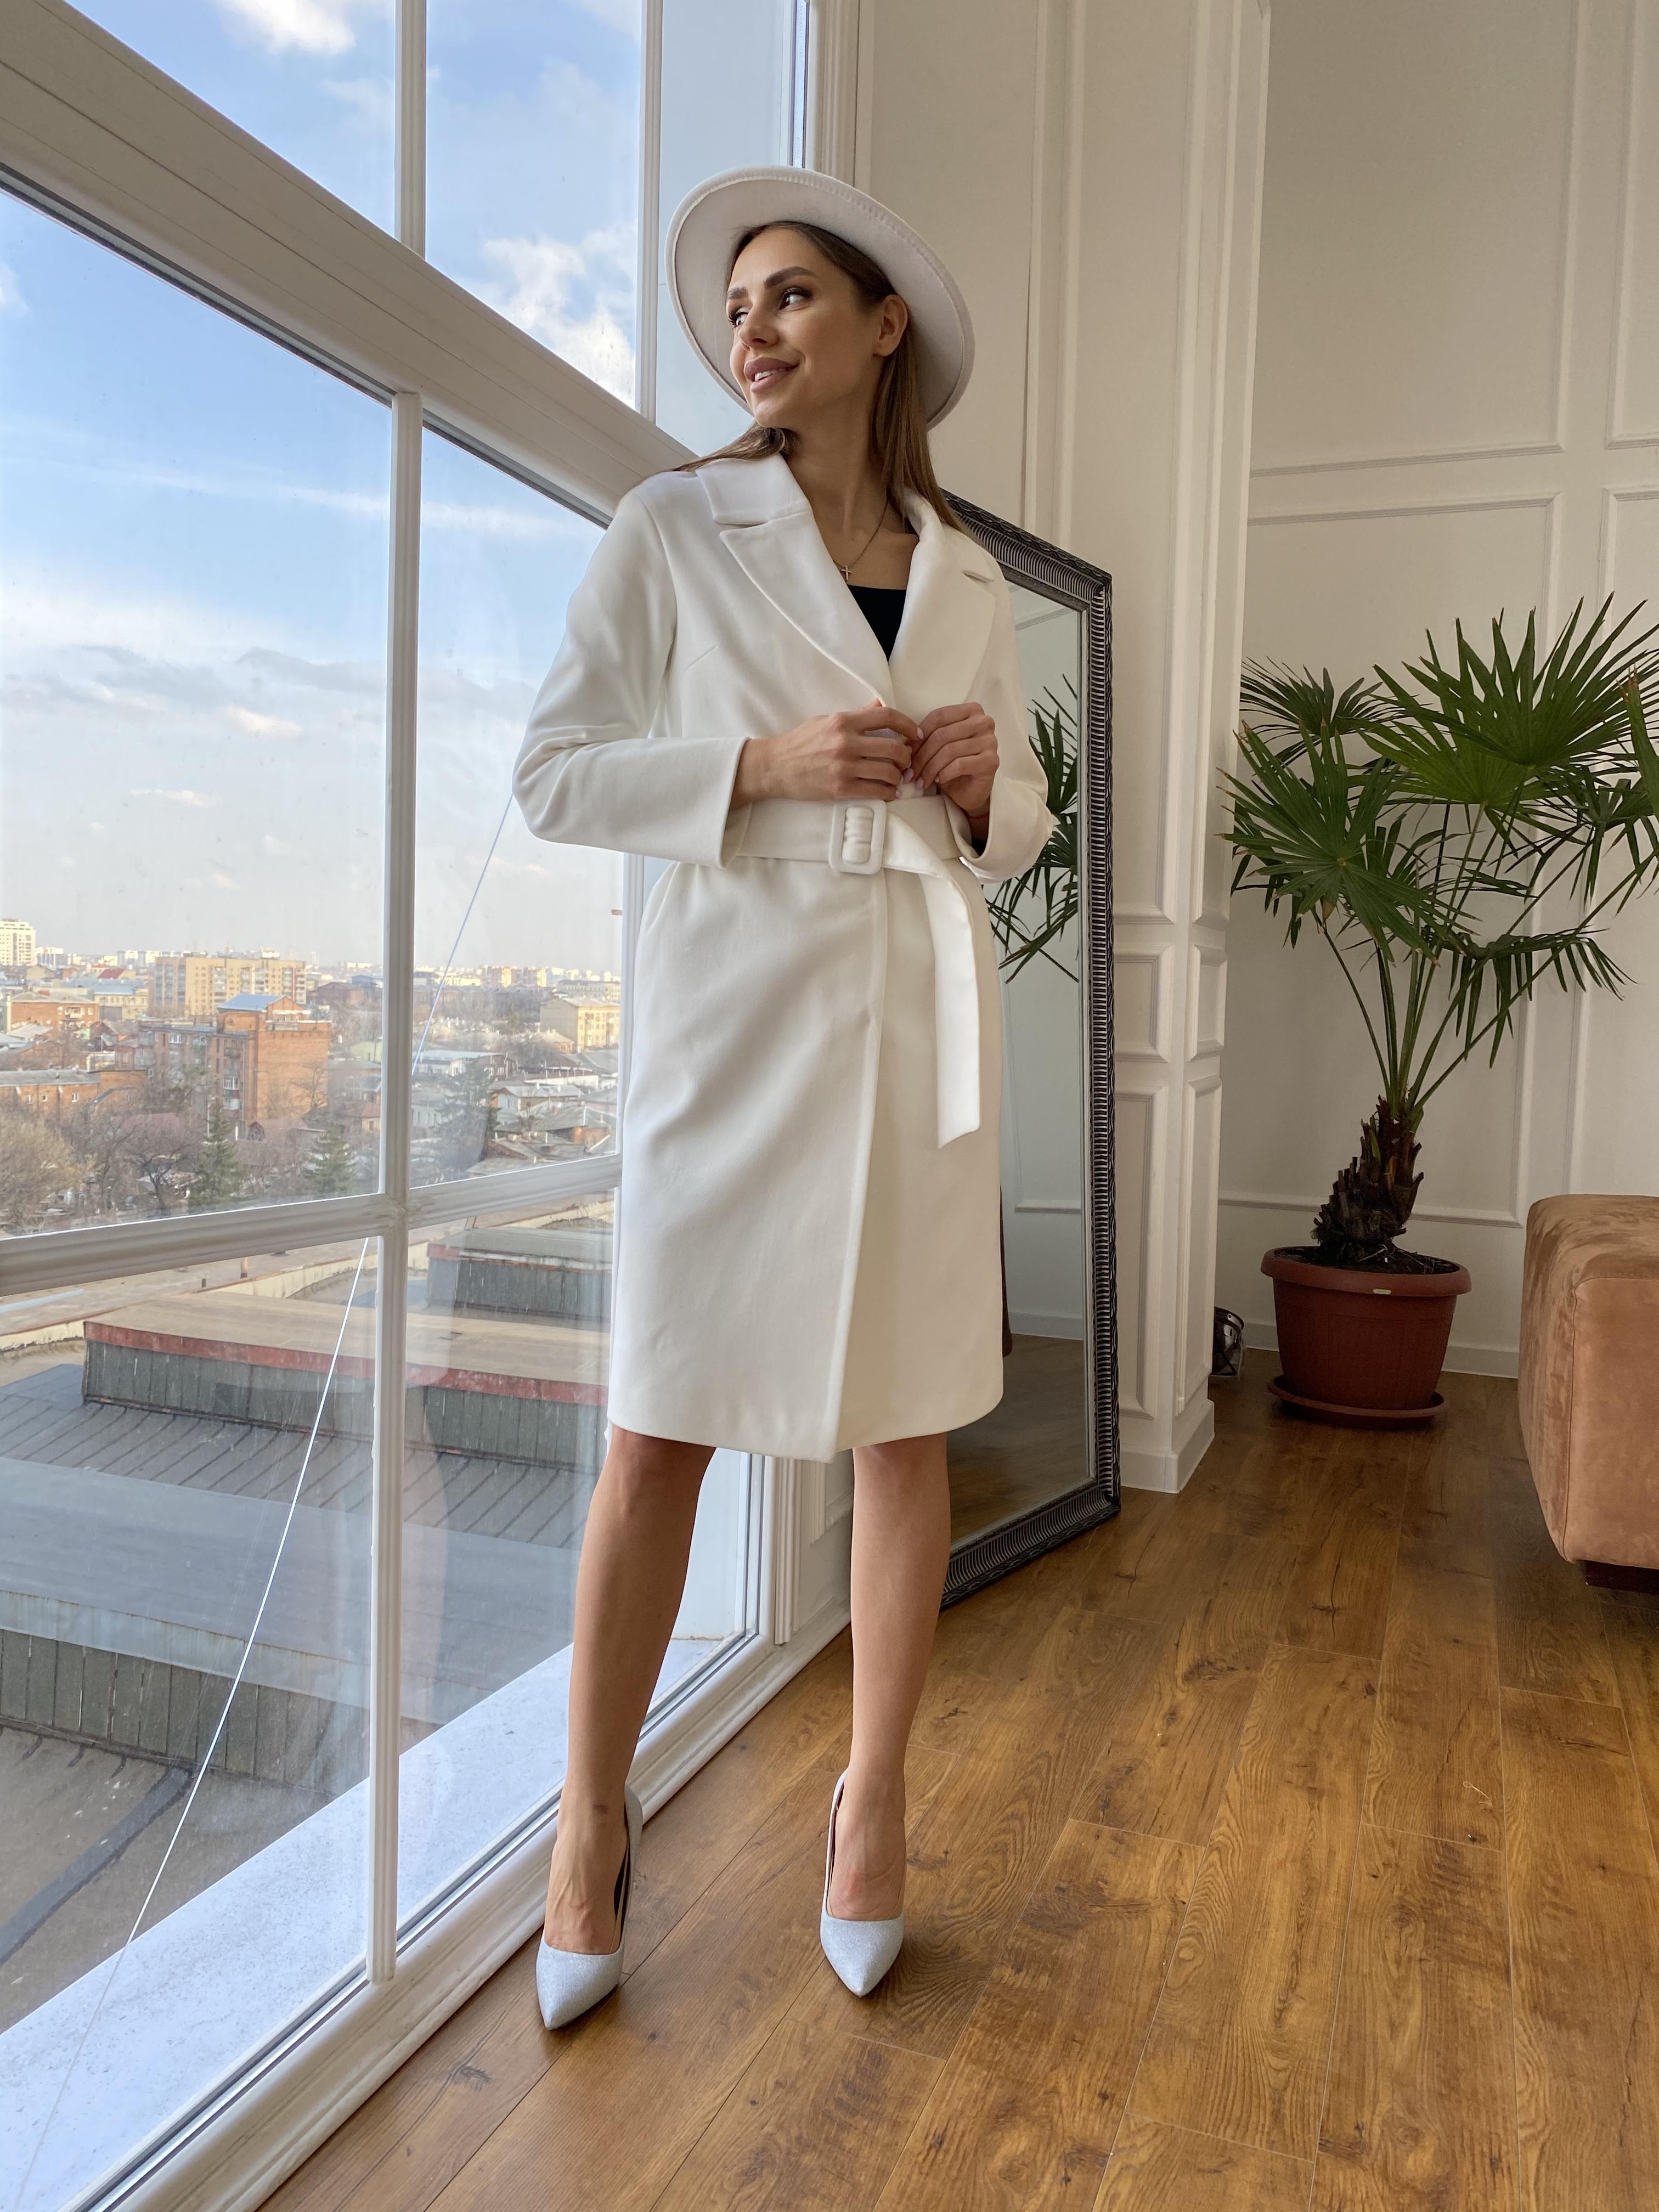 Севен пальто из гладкого кашемира 10621 АРТ. 46999 Цвет: Молоко - фото 4, интернет магазин tm-modus.ru